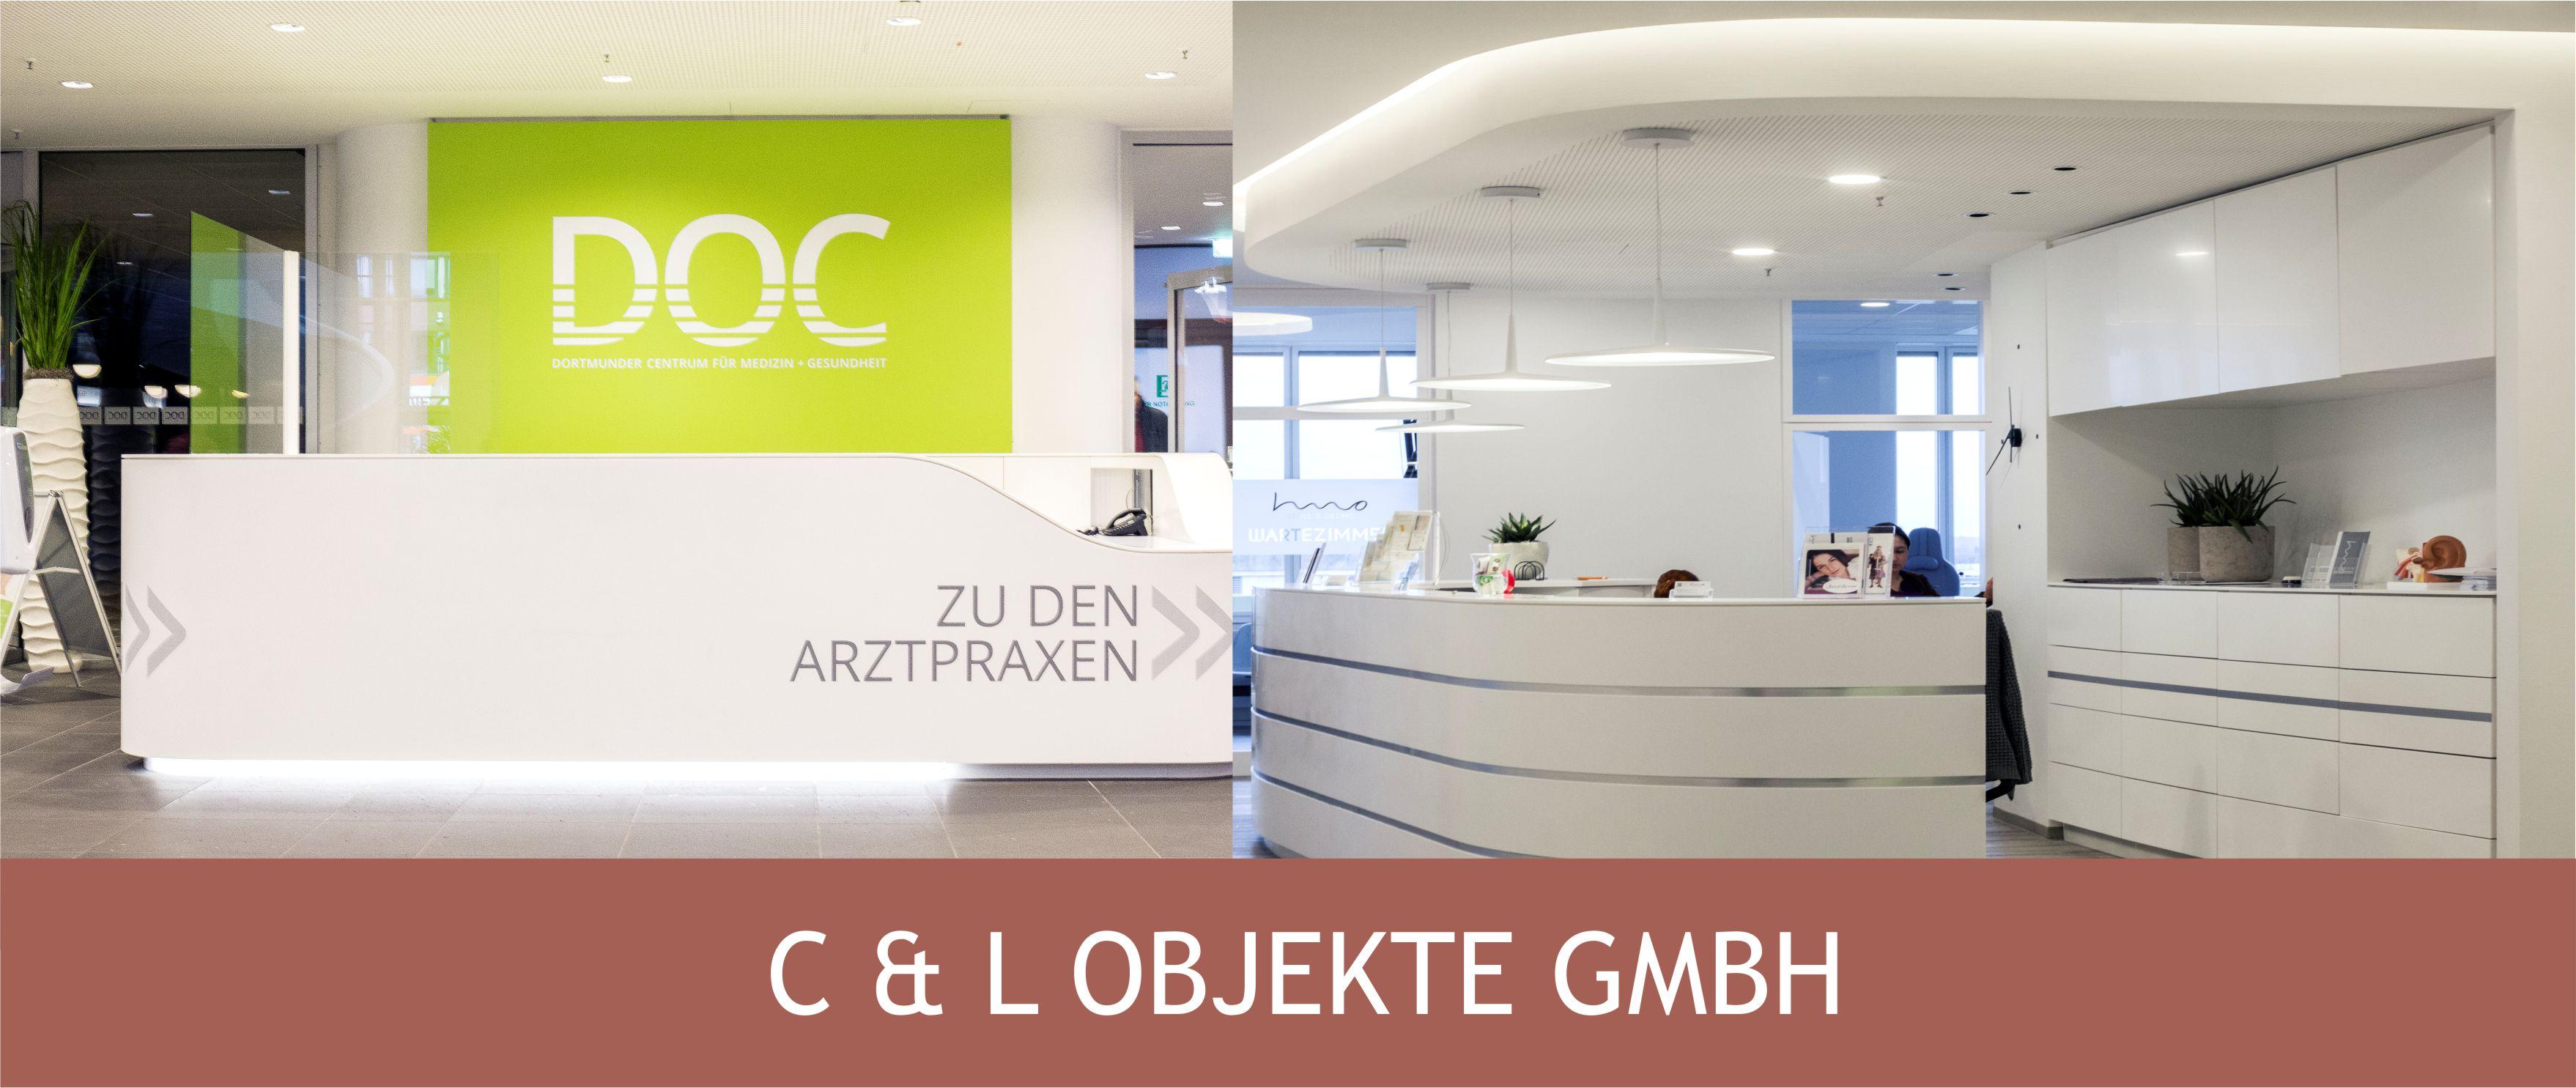 C & L Objekte GmbH